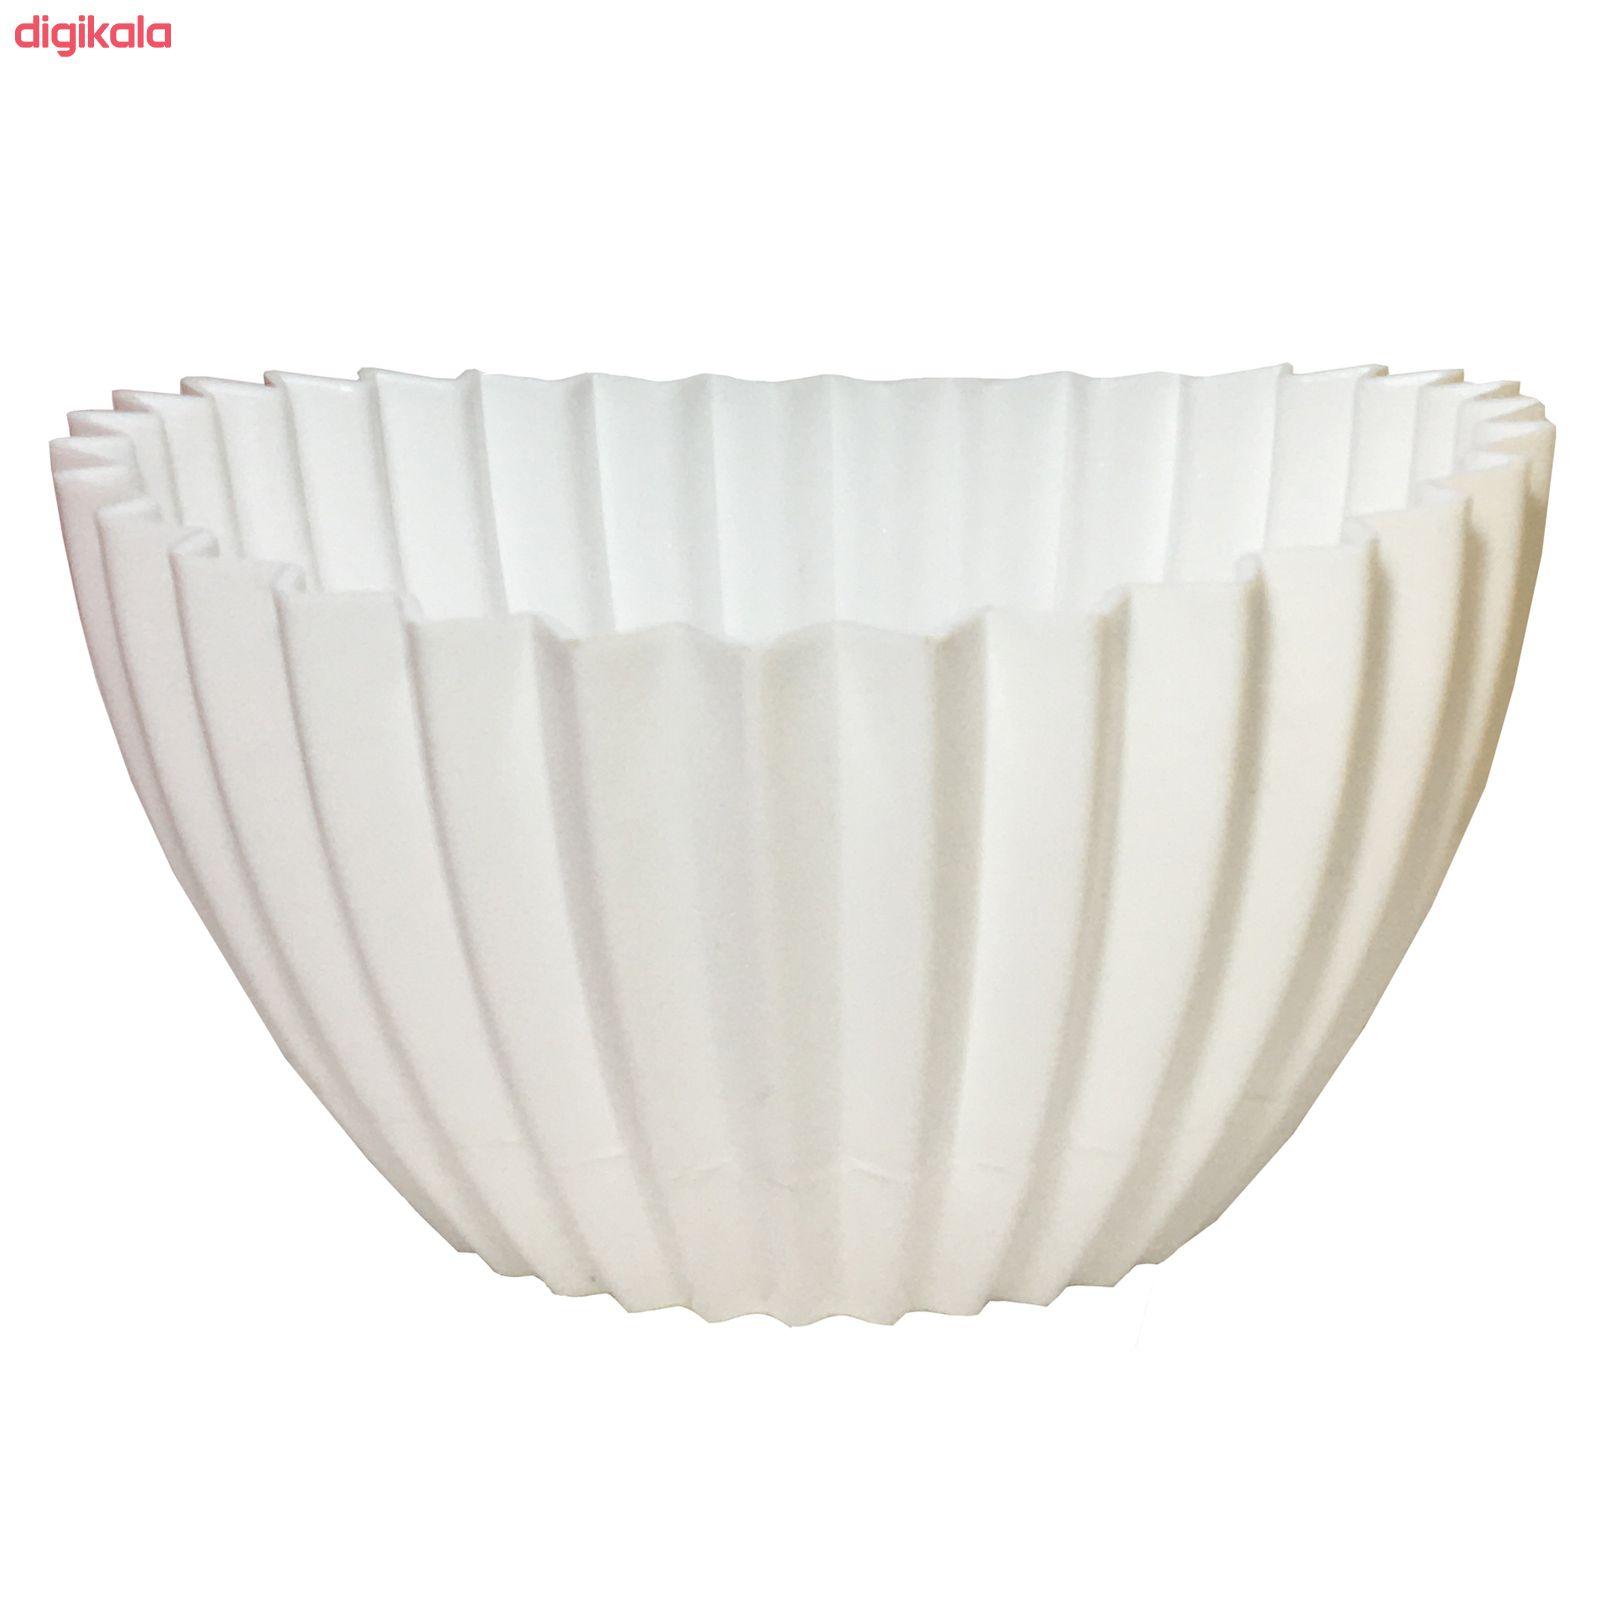 گلدان دانیال پلاستیک کد 3011 مجموعه 3 عددی main 1 1